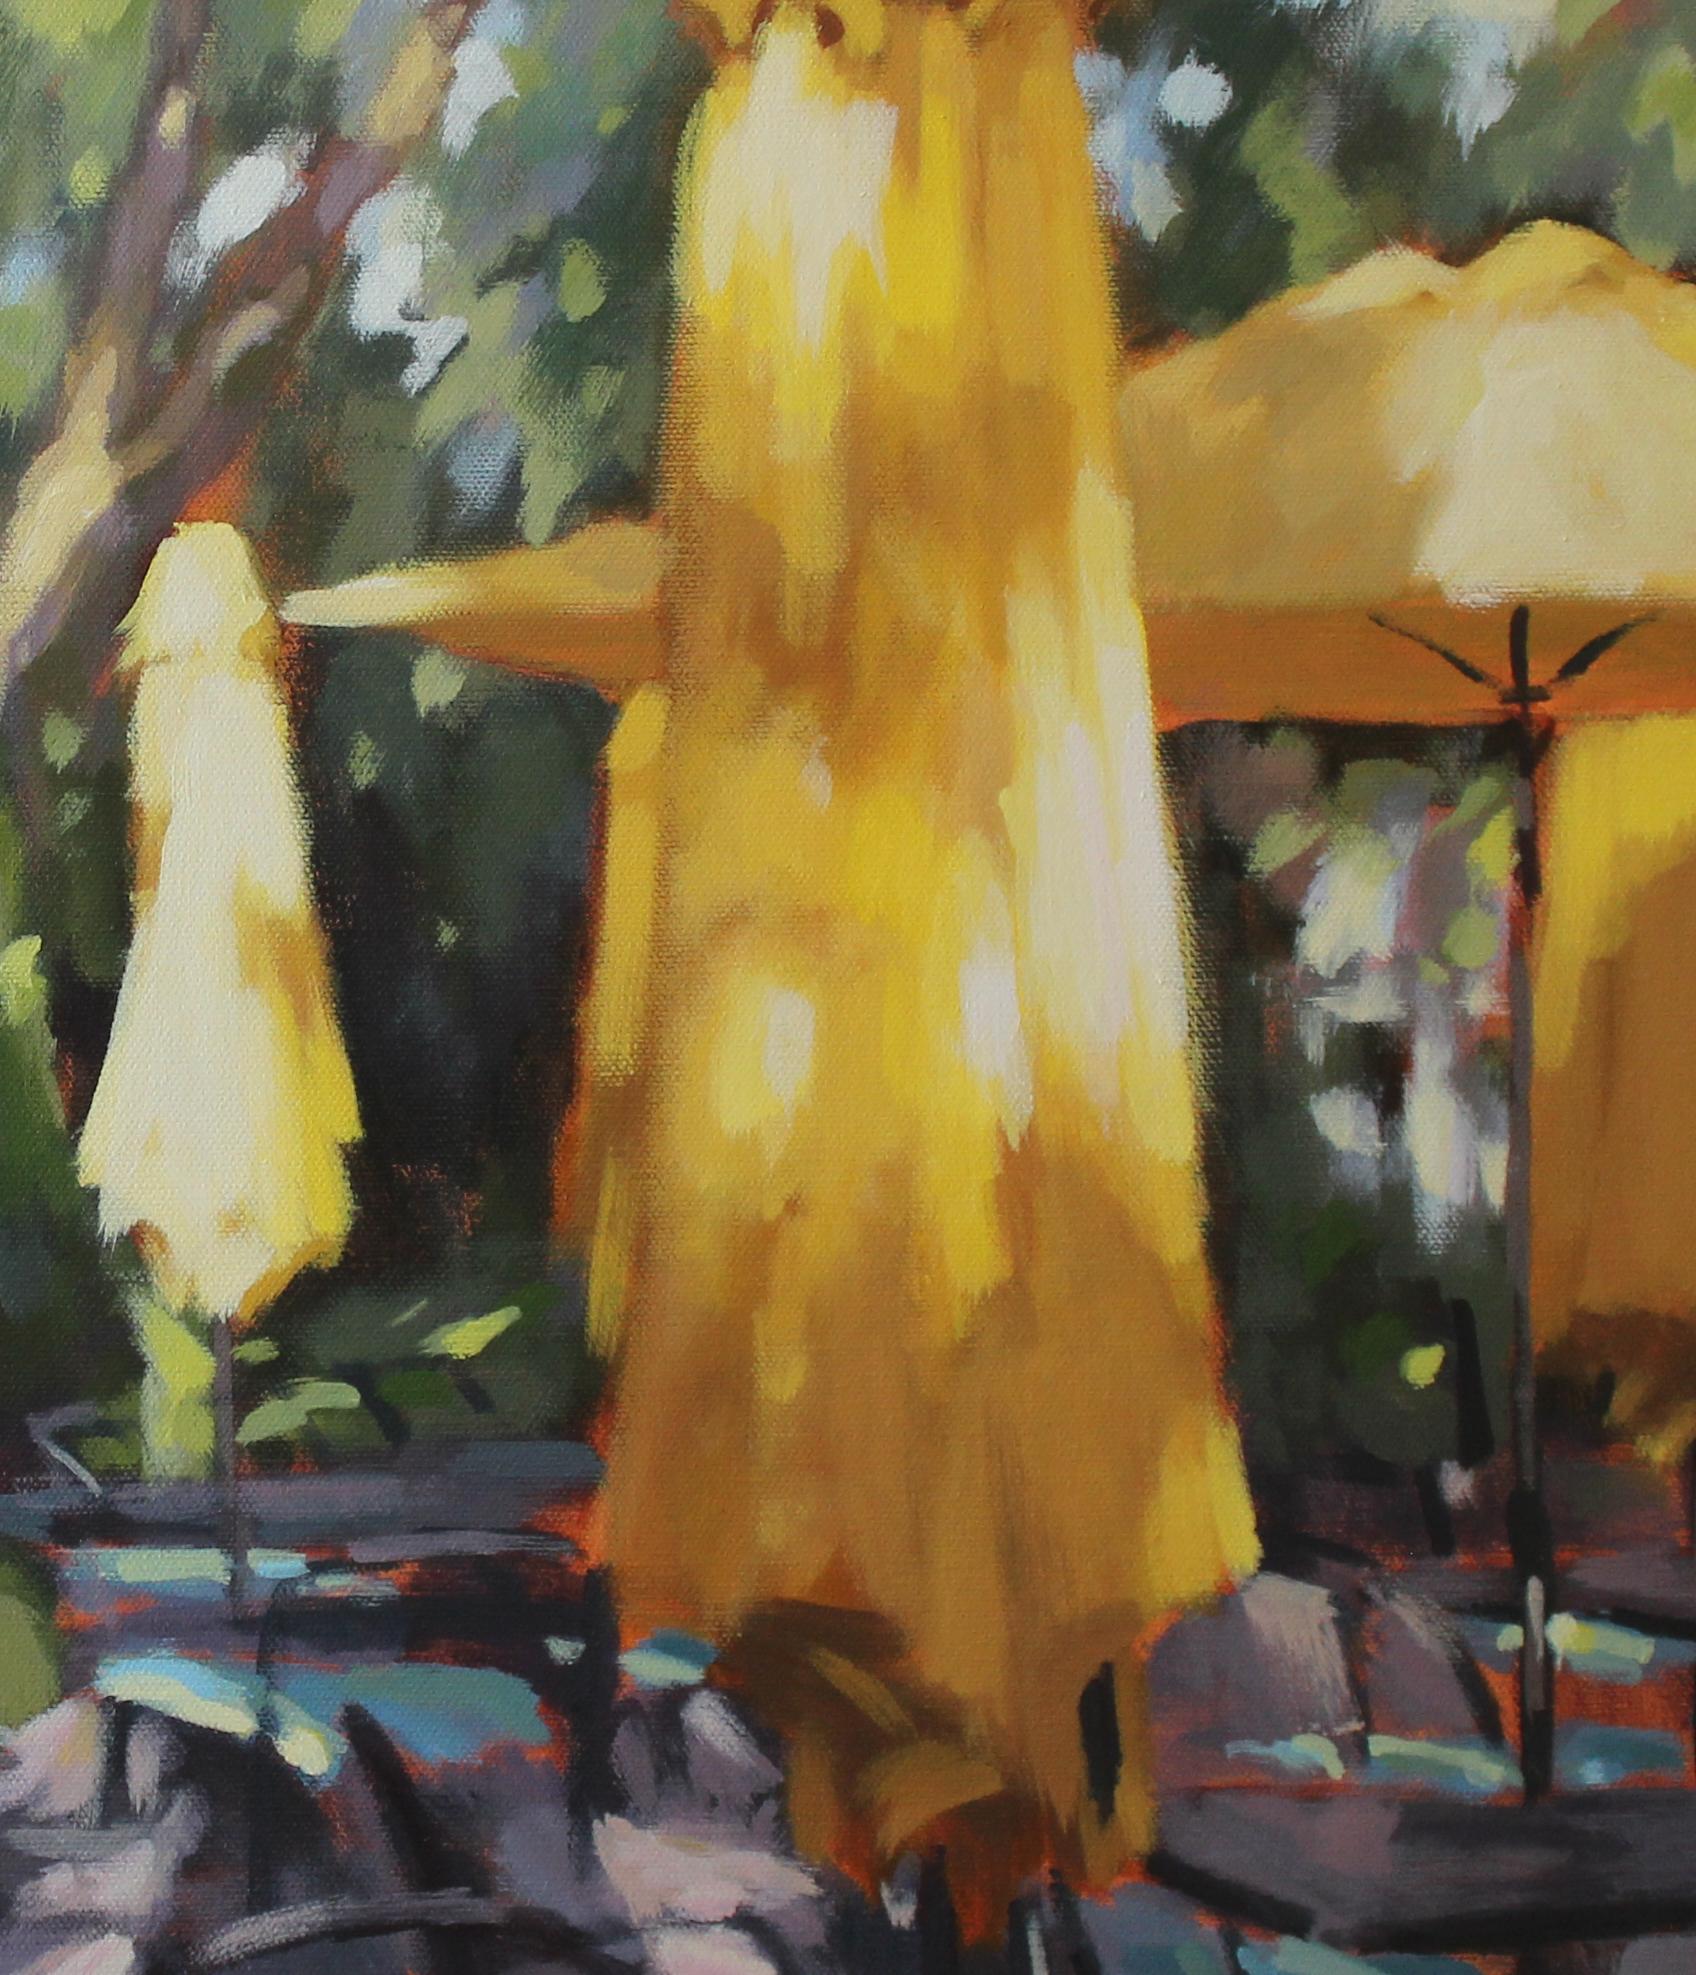 umbrella close-up.png